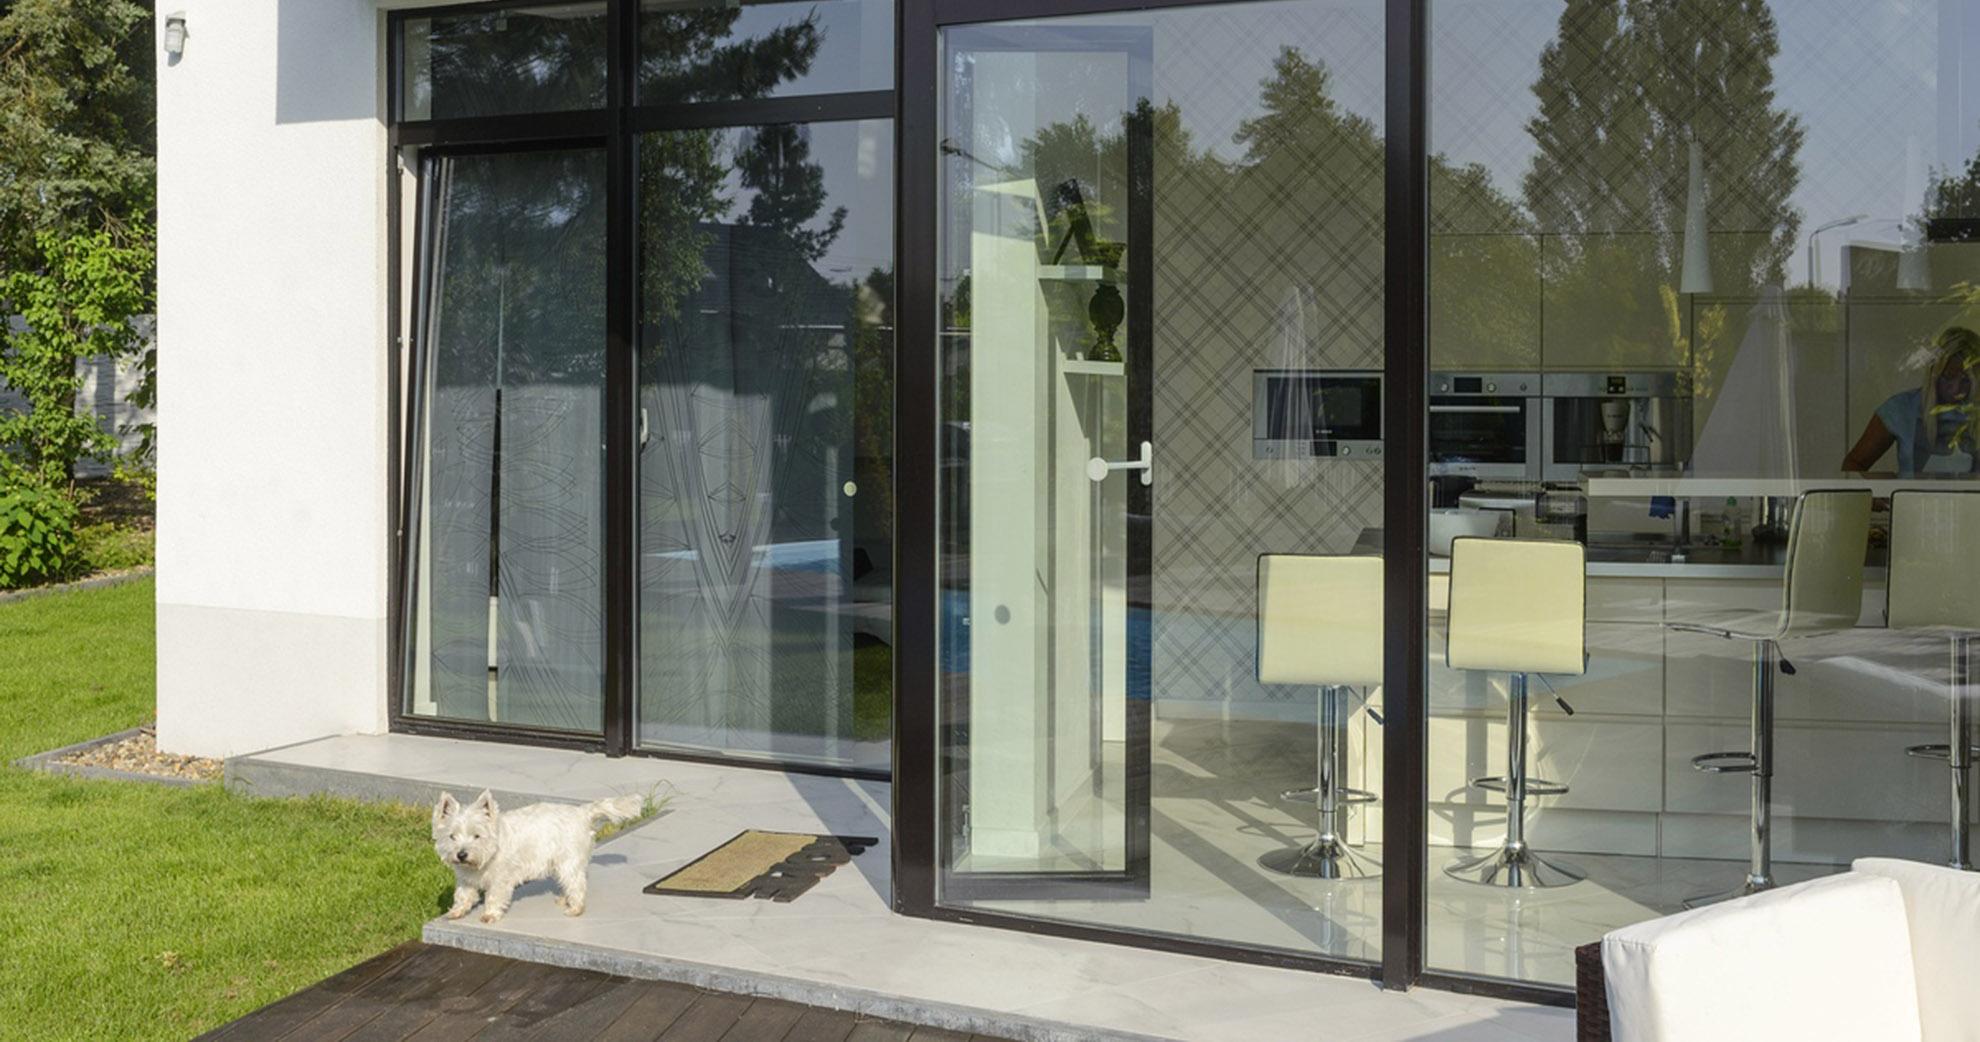 Full Size of Alu Fenster Aluminium Und Tren Mb 45 Sichtschutzfolie Für Rc3 Standardmaße Insektenschutz Plissee Aluplast Dreifachverglasung Sicherheitsfolie Test Fenster Alu Fenster